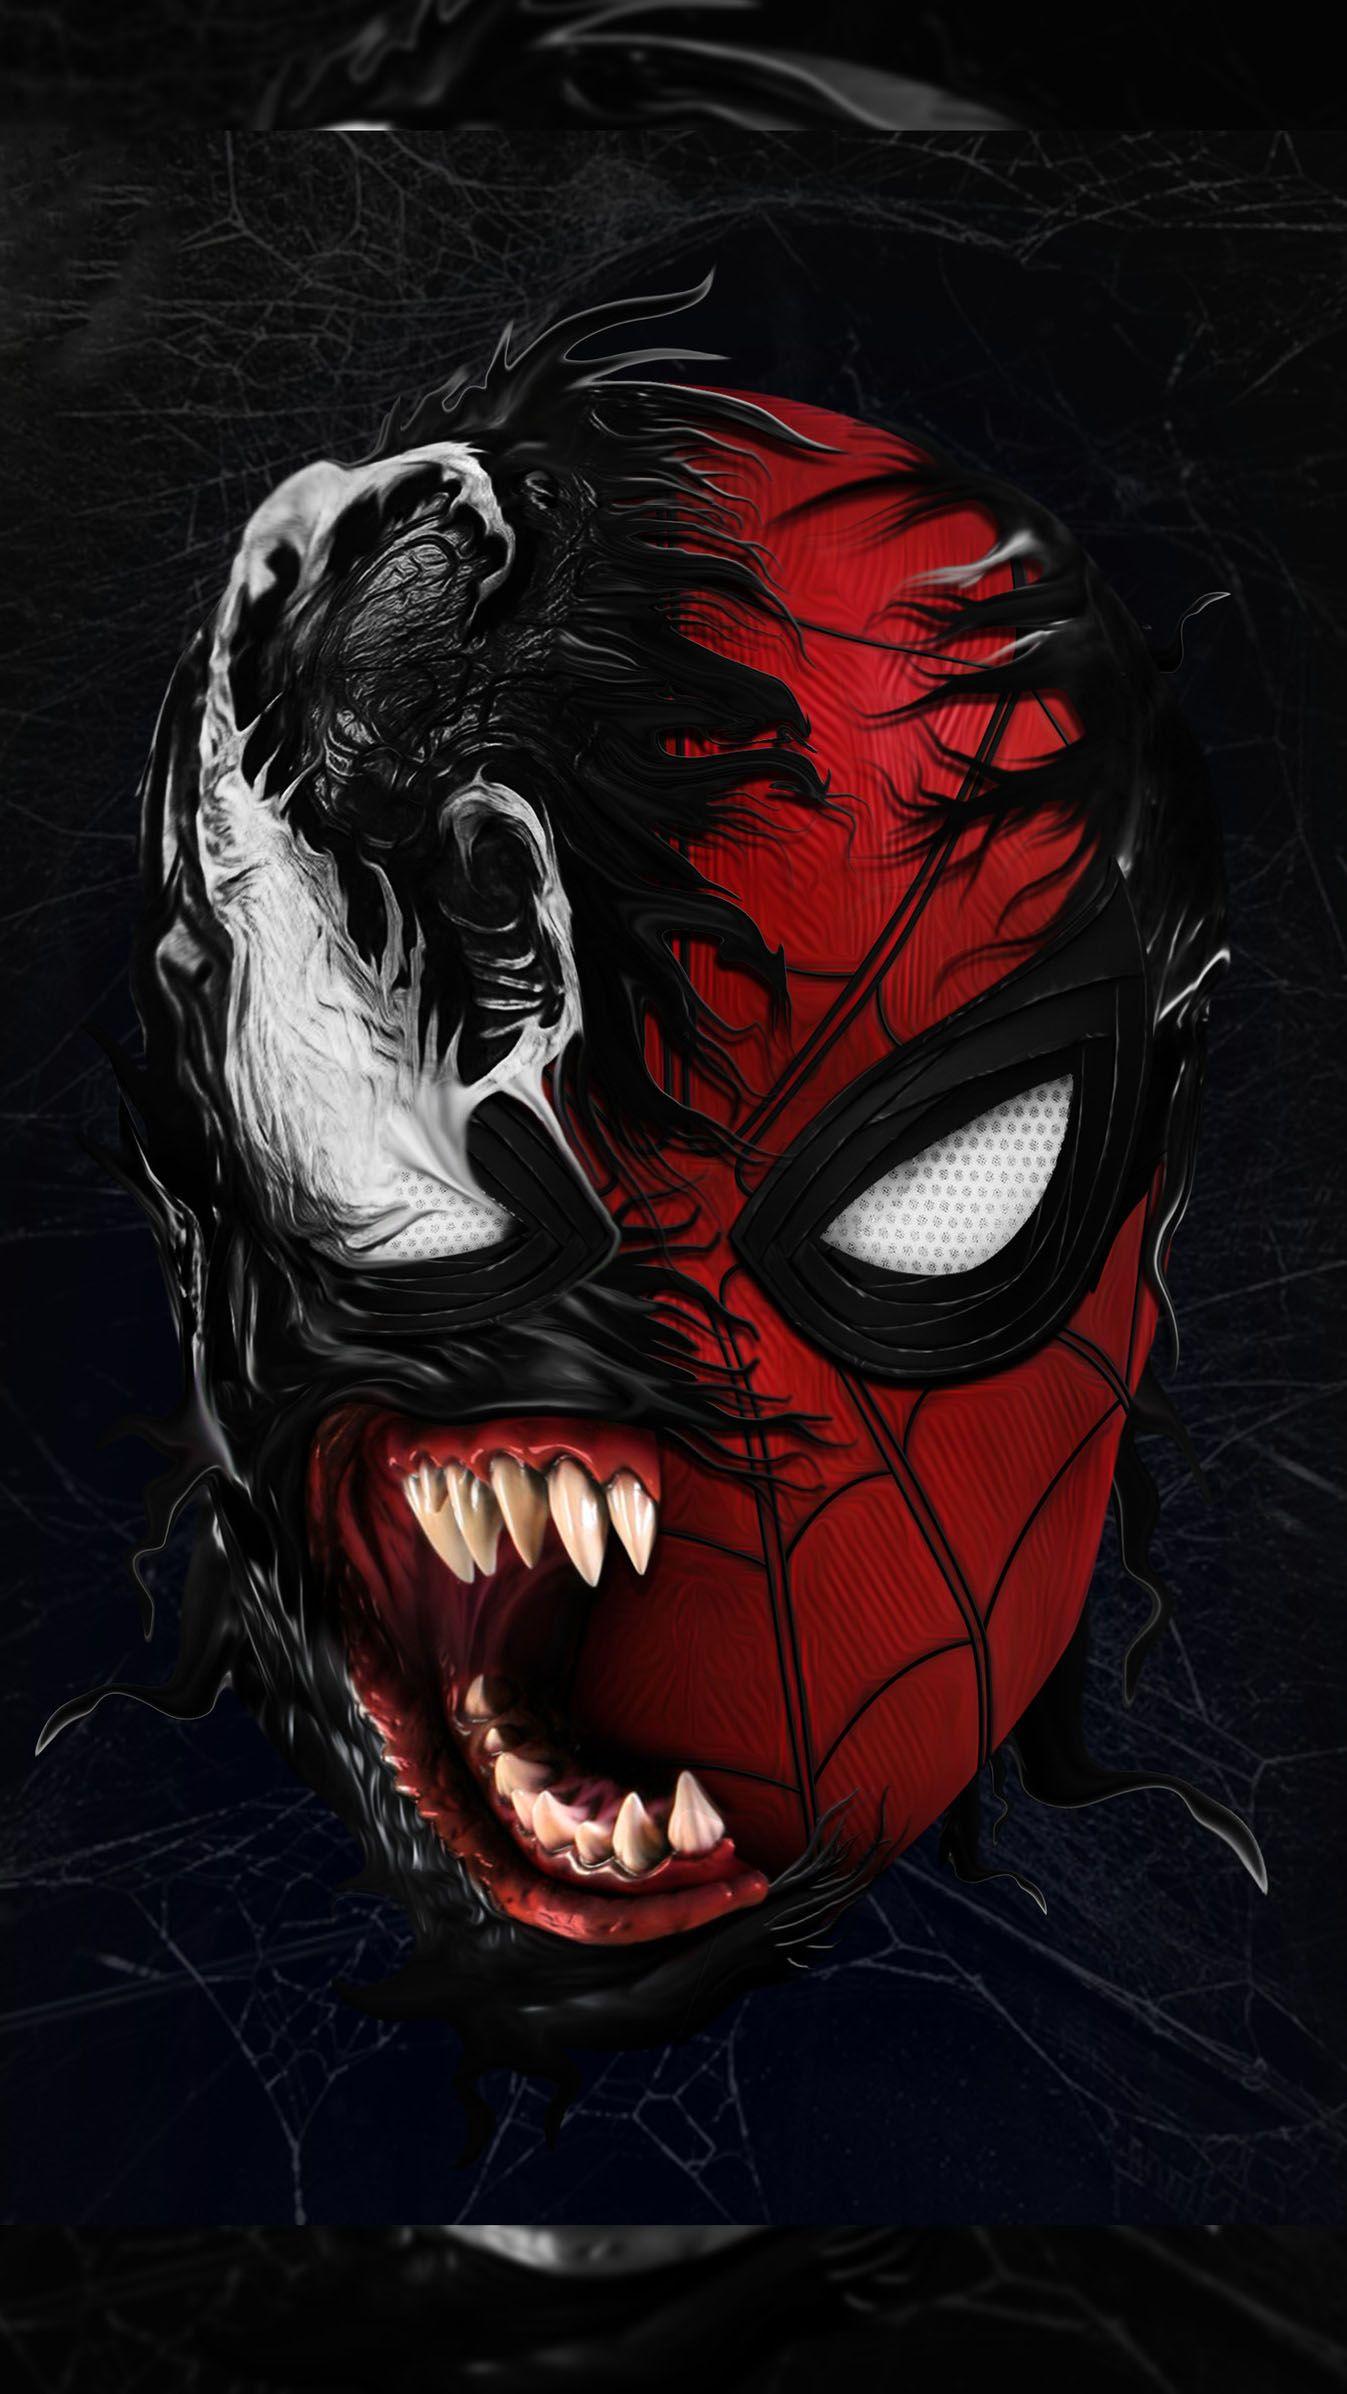 Spidey Venom Iphone Wallpaper Venom Spiderman Black Panther Art Spiderman